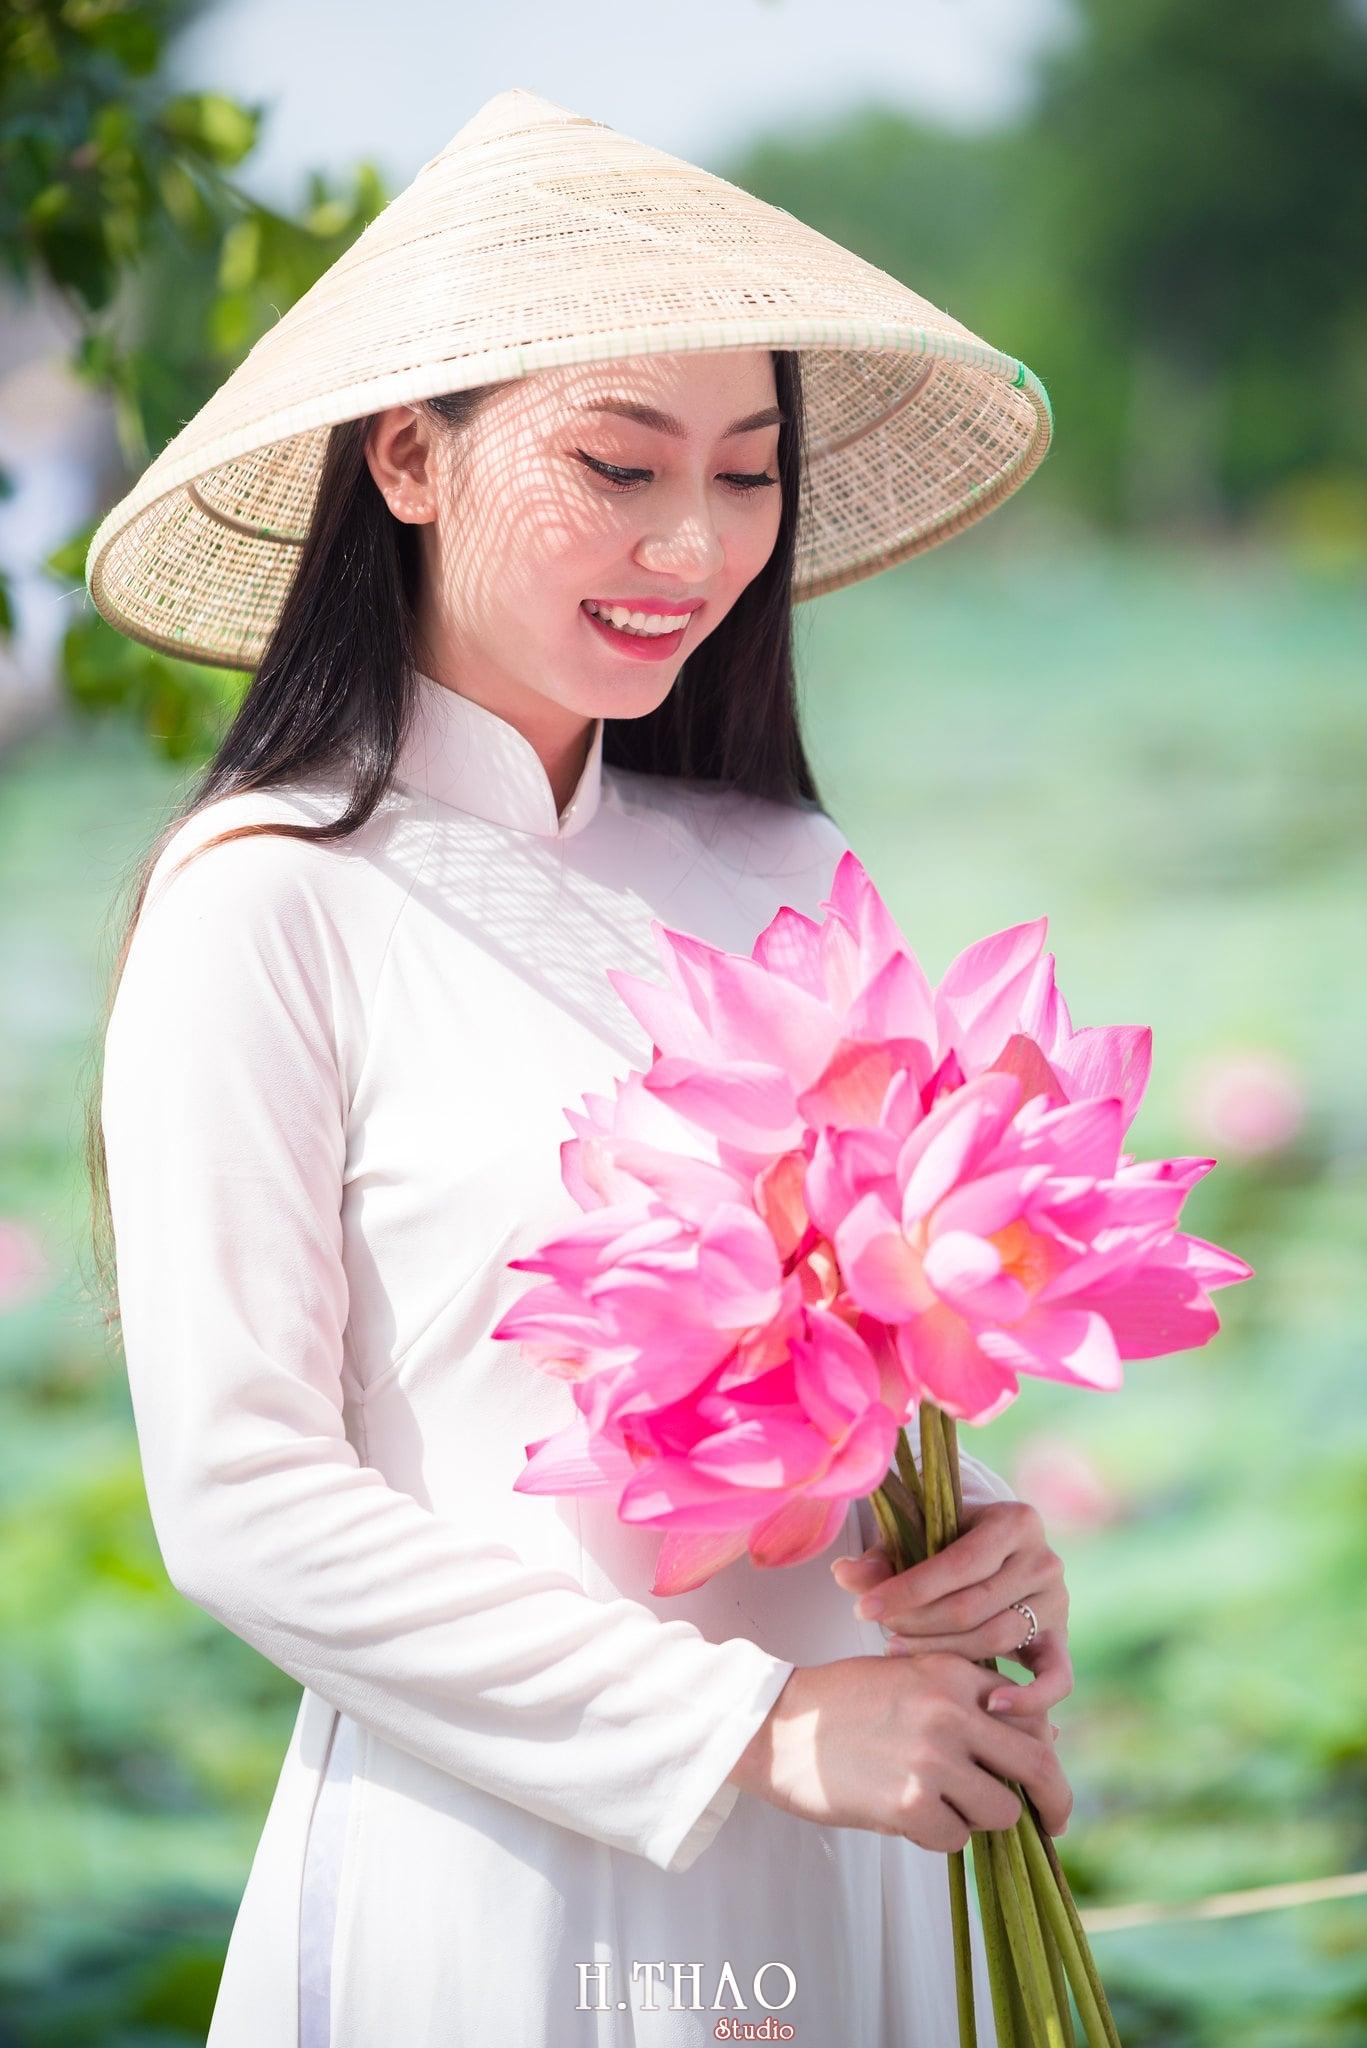 Chup hinh hoa sen 14 - Góc ảnh thiếu nữ bên hoa sen tam đa quận 9 tuyệt đẹp - HThao Studio